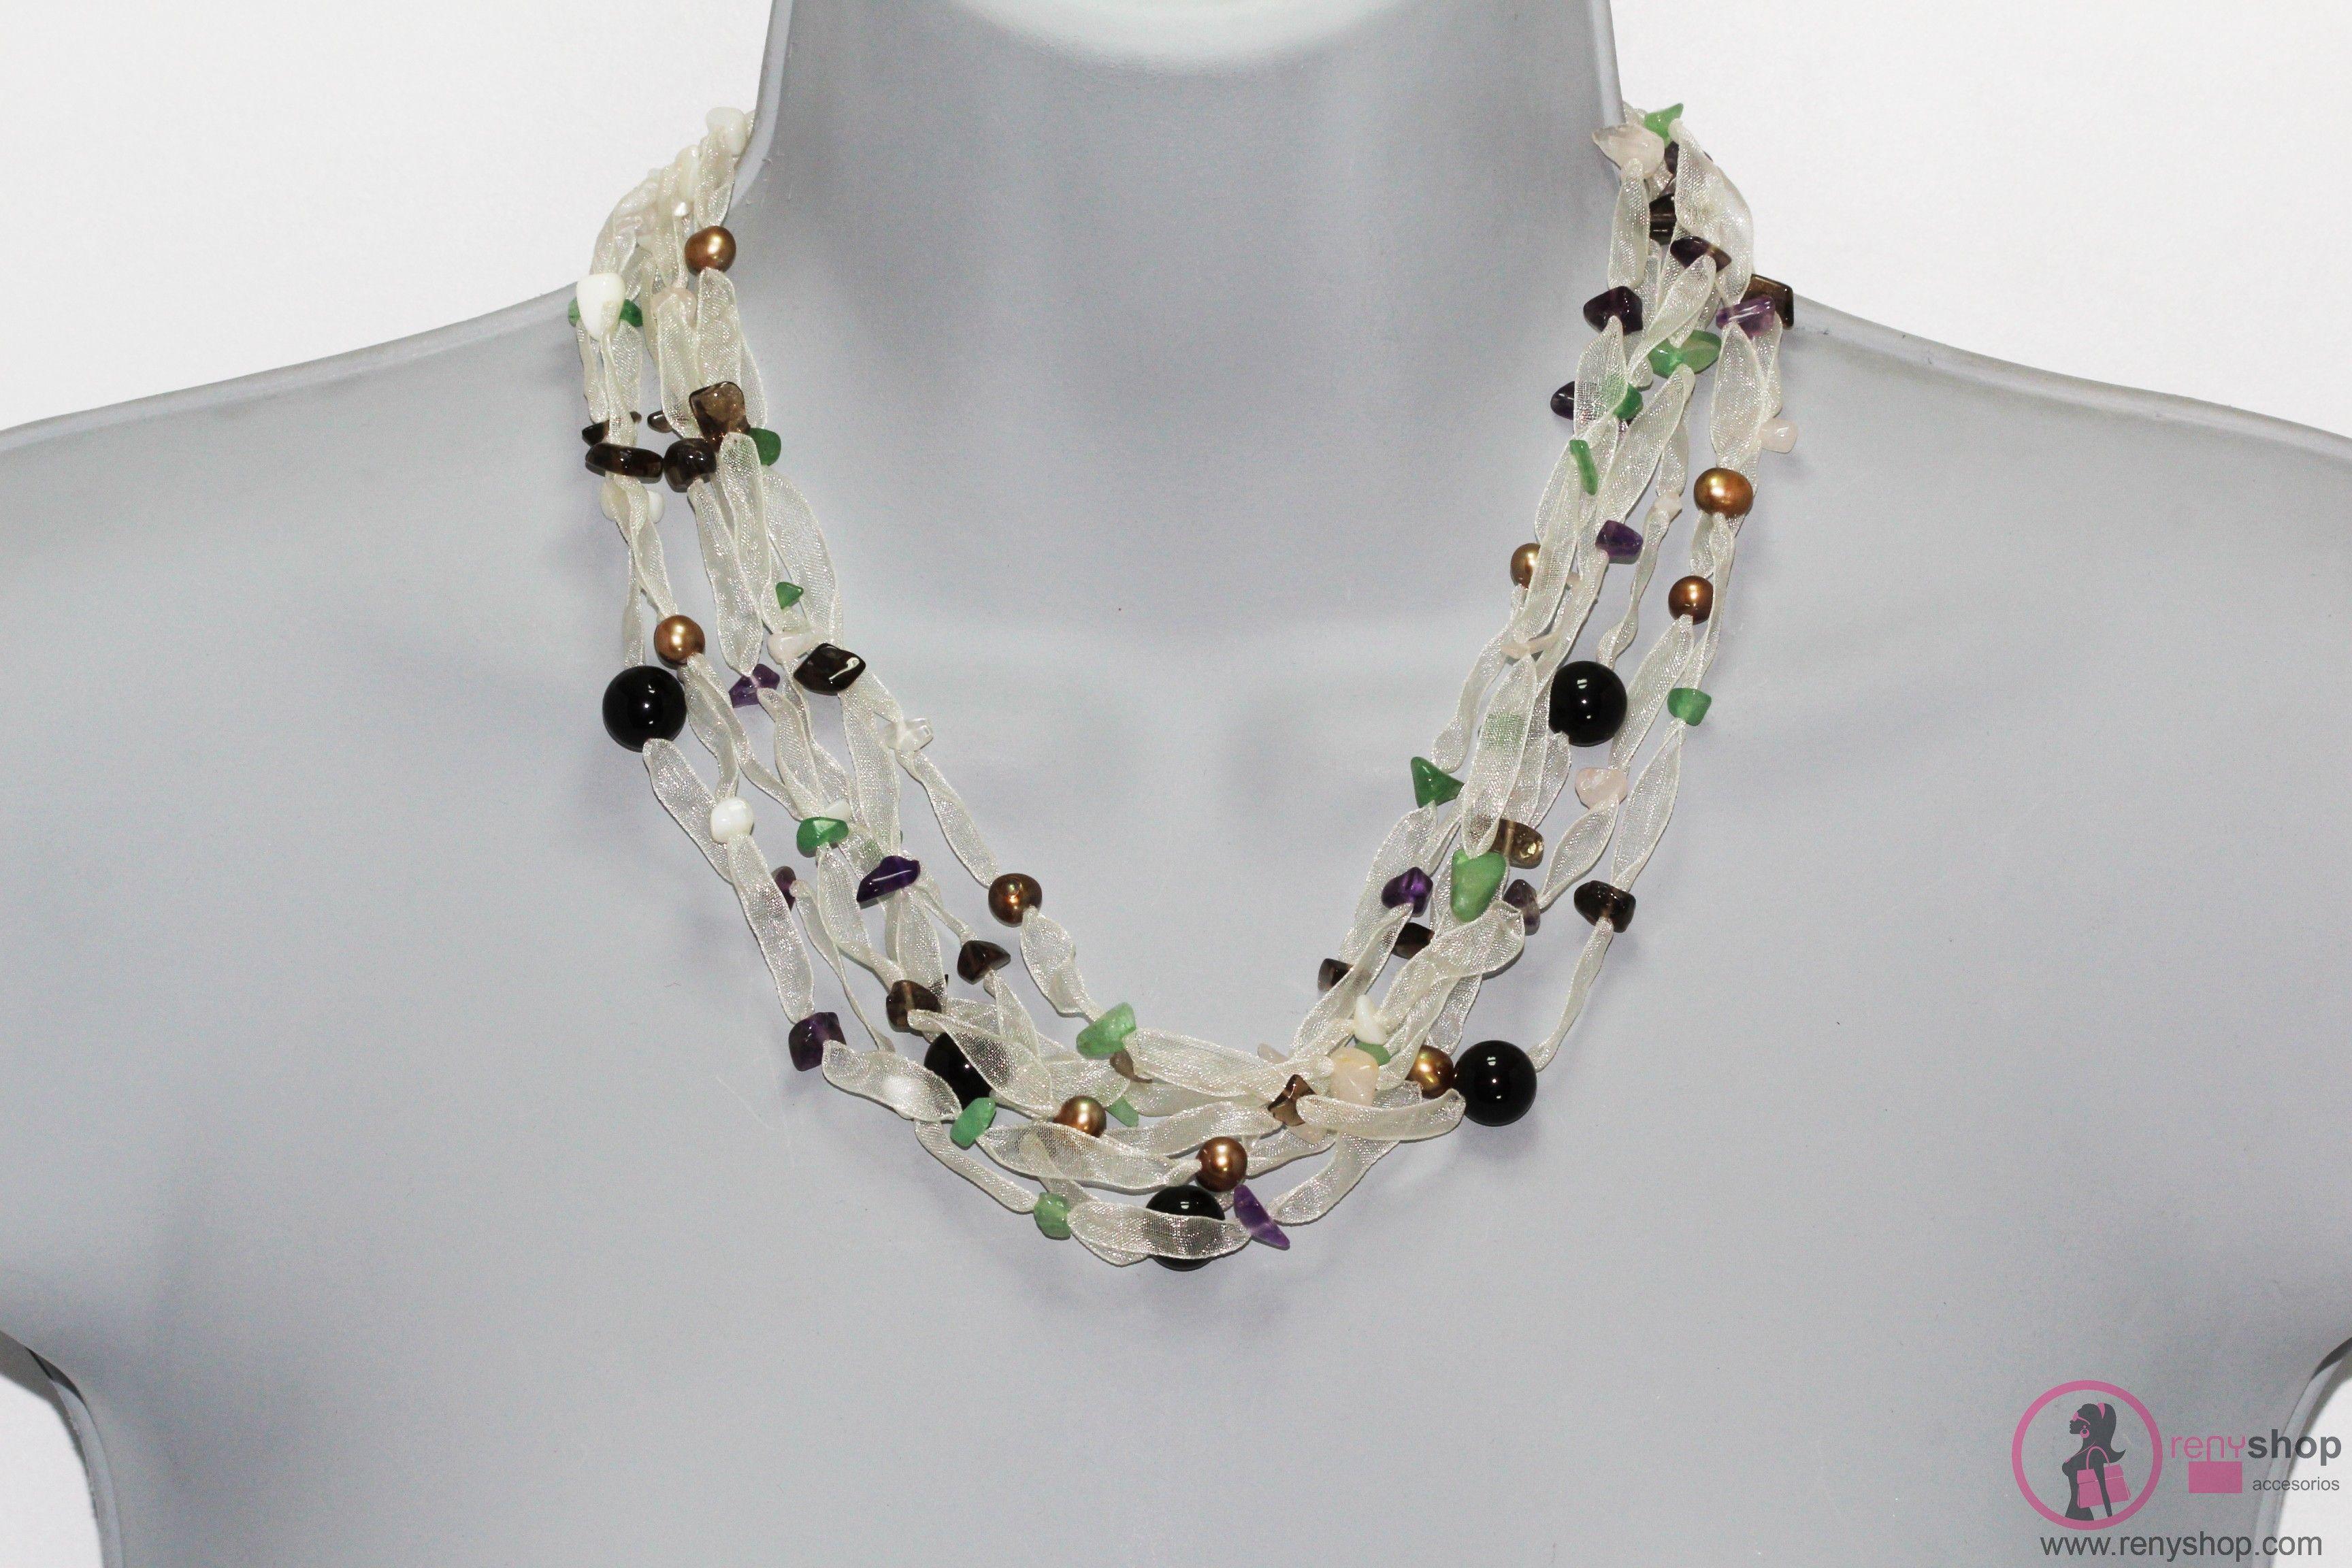 http://renyshop.com/24-collares-de-piedra #Necklace #Collar #love #lovley #jewelery #Elegant #Fashion #accesorios #increíble #meenamore #mujer #elegancia #lookperfecto #estilo #joyas #joyashechasamano #handmade #hechoamano #instalike #casual #bisutería #renyshop #precious #stonejewlery #cuarzo